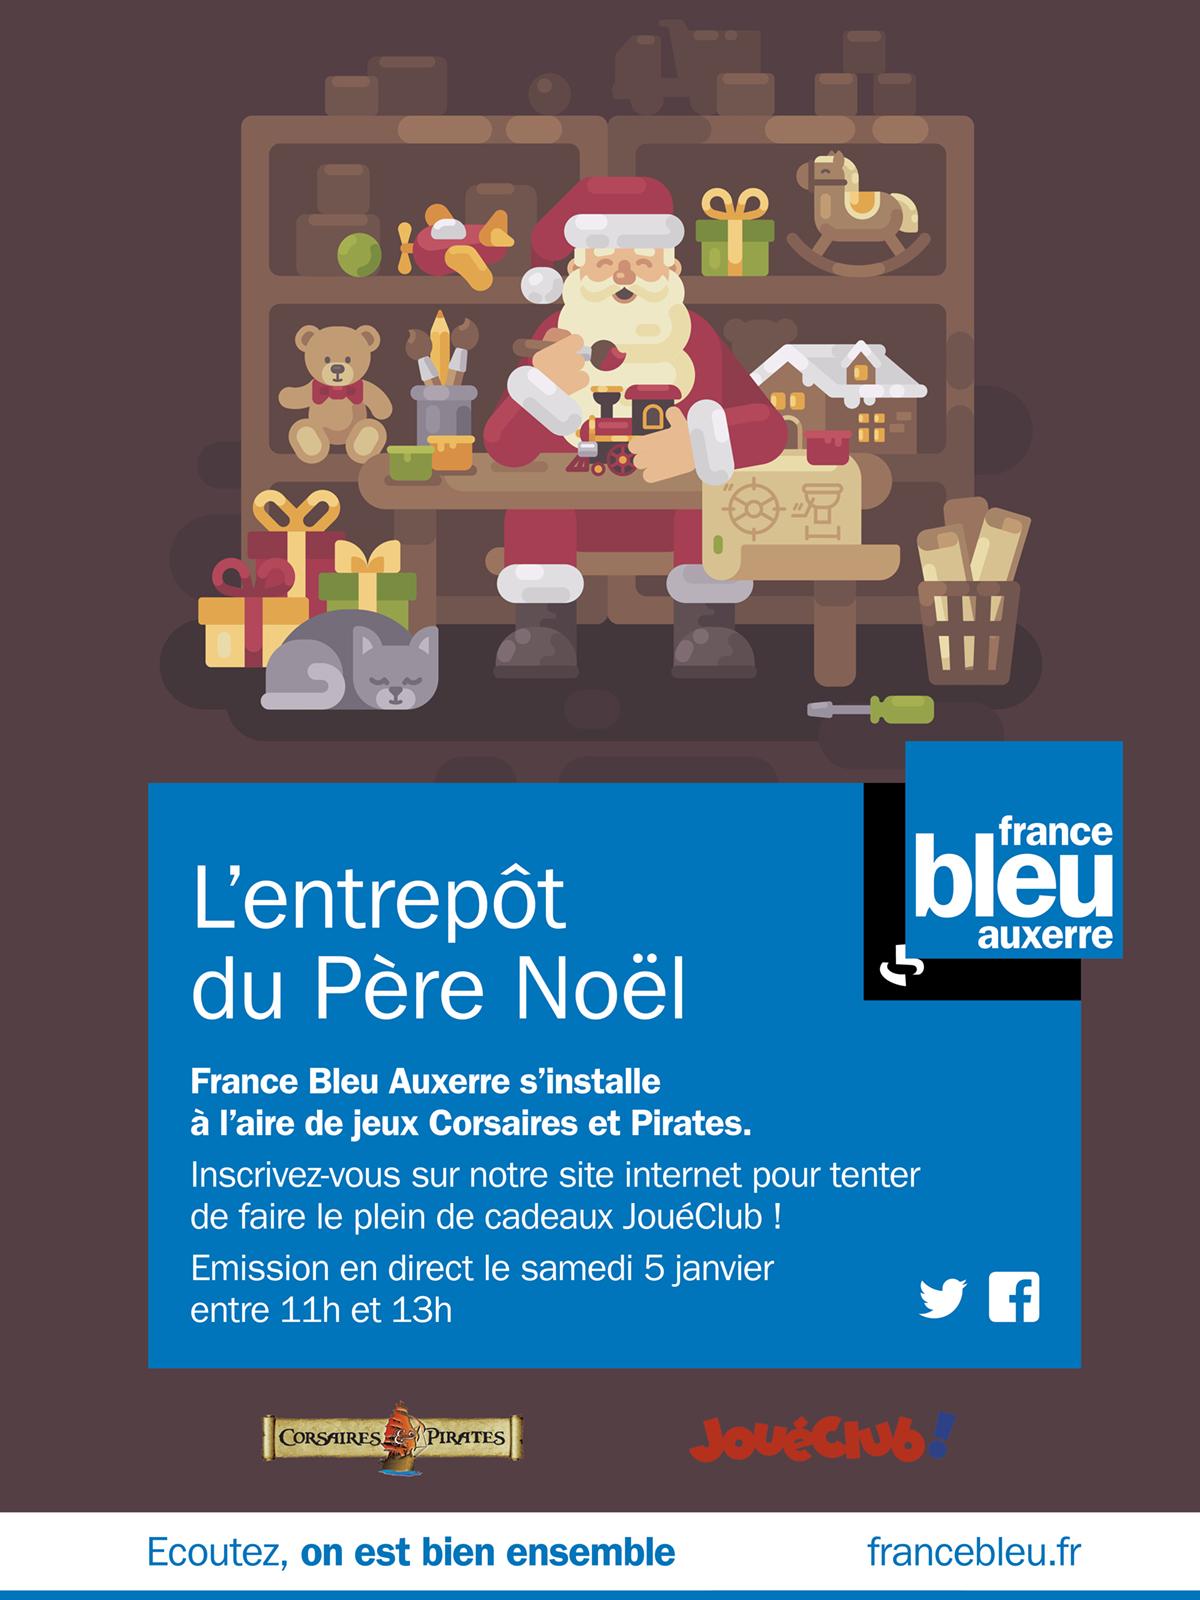 France Bleu Auxerre prolonge la magie de Noël